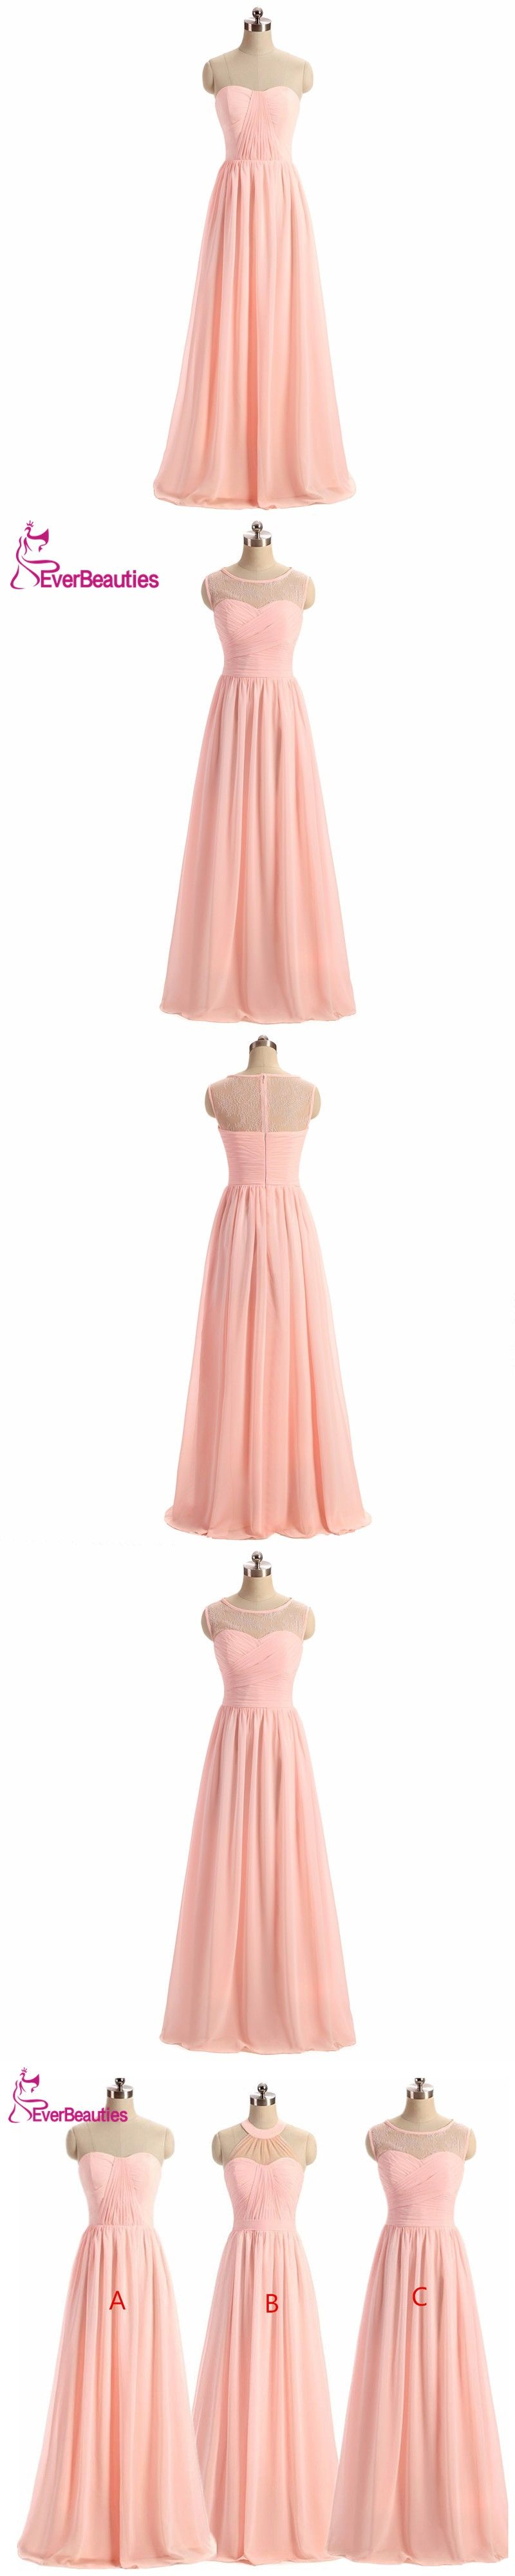 Hermosa Vestido De La Dama De Honor Ombre Ideas - Colección de ...